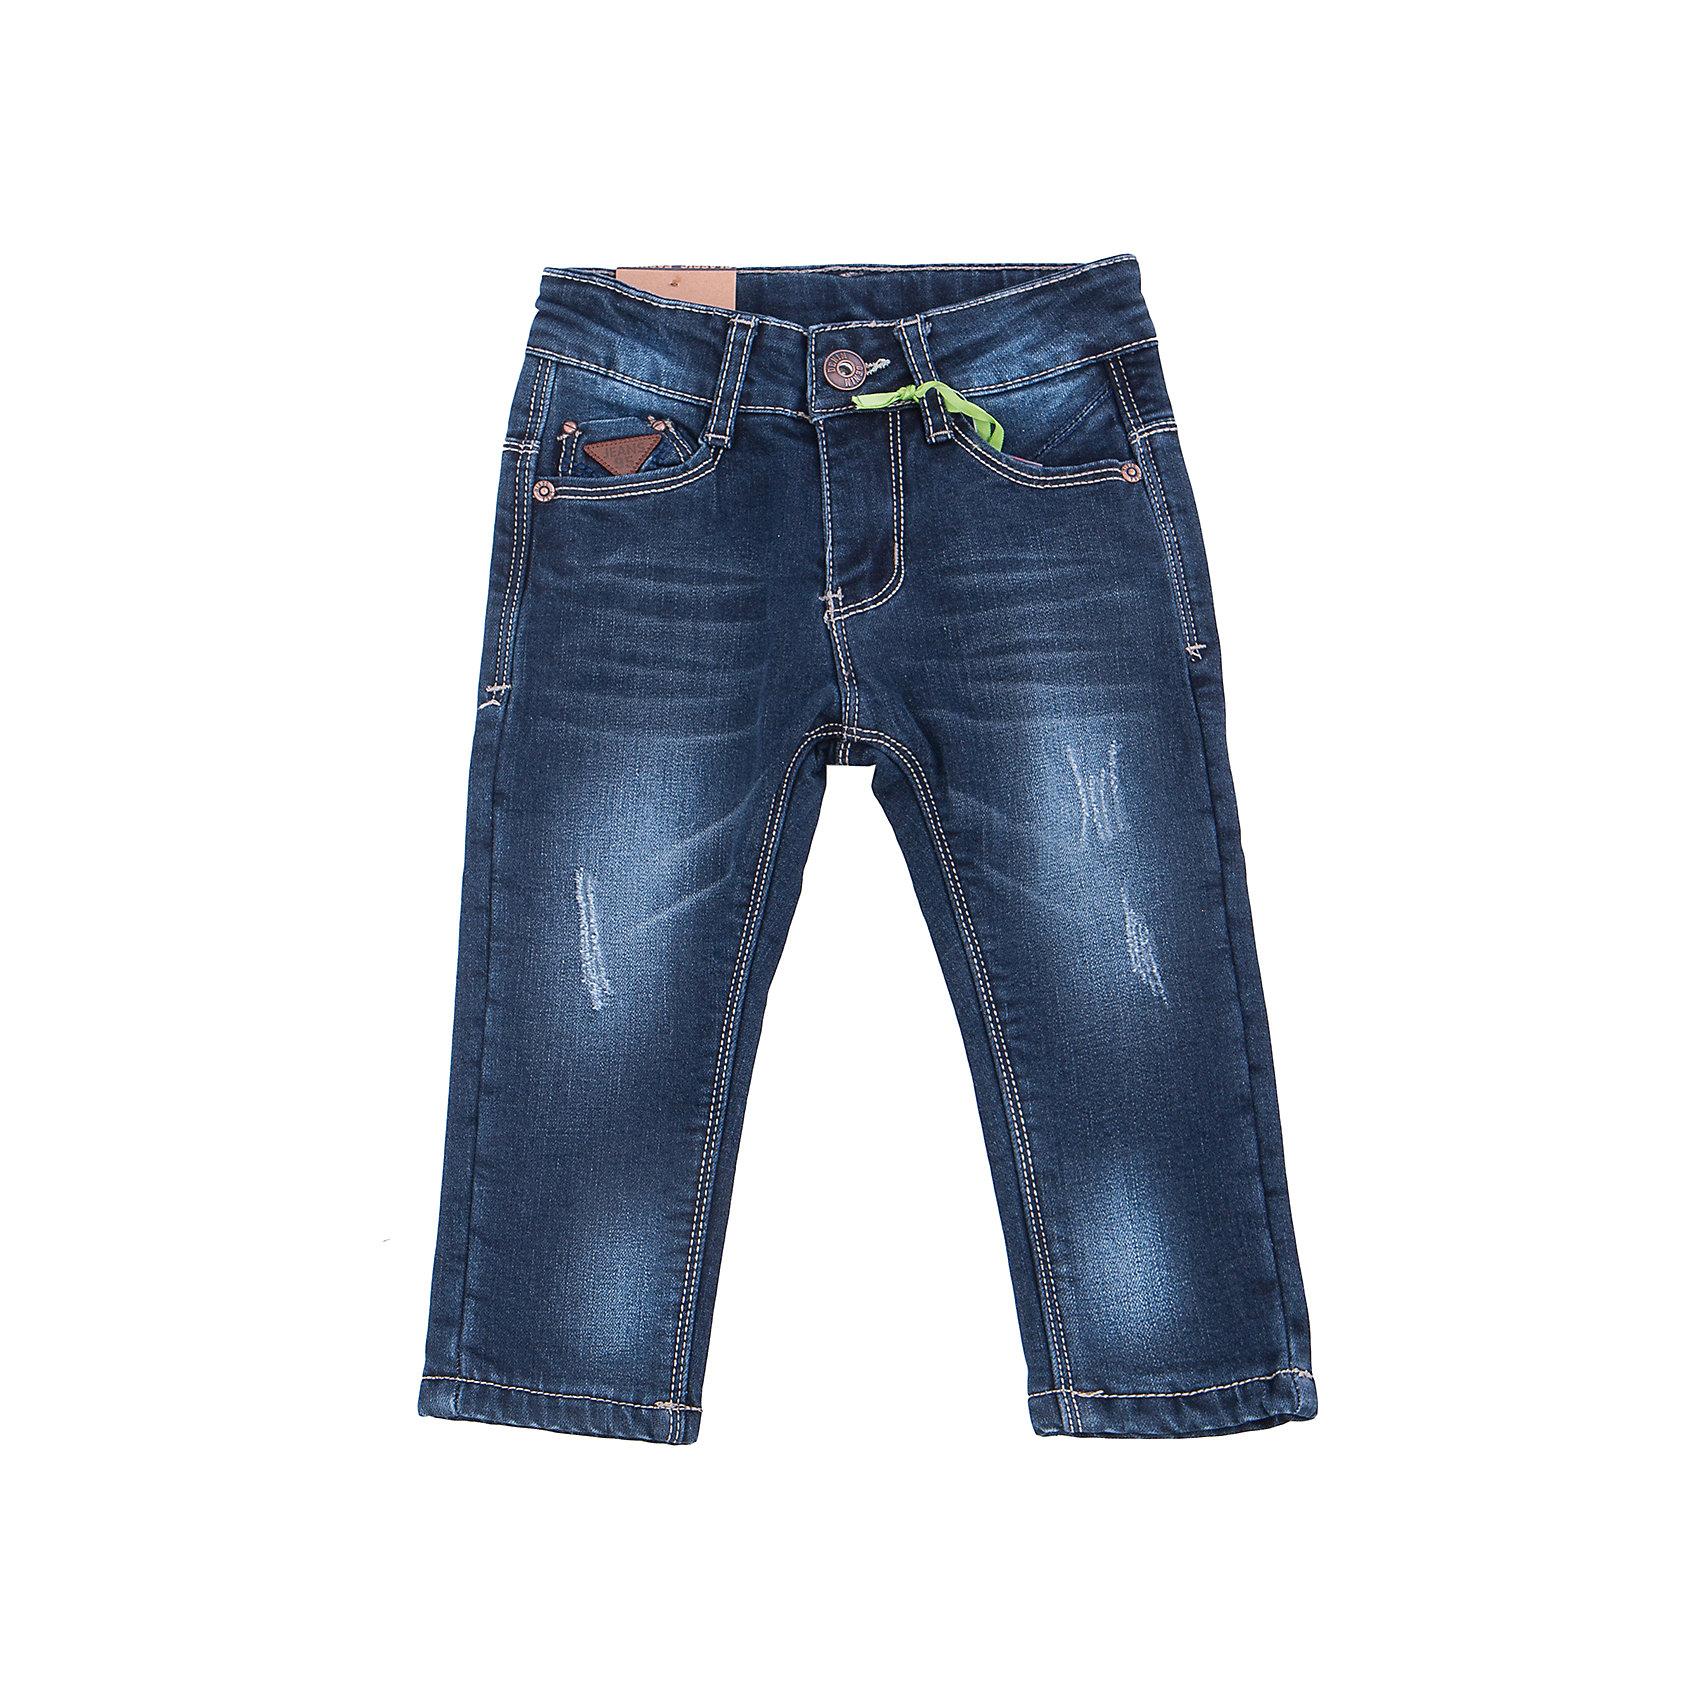 Джинсы для мальчика Sweet BerryДжинсовая одежда<br>Такая модель джинсов для мальчика отличается модным дизайном с контрастной прострочкой. Удачный крой обеспечит ребенку комфорт и тепло. Мягкая и теплая хлопковая подкладка делает вещь идеальной для прохладной погоды. Она плотно прилегает к телу там, где нужно, и отлично сидит по фигуре. Джинсы имеют регулировку размера на талии и удобные карманы.<br><br>Одежда от бренда Sweet Berry - это простой и выгодный способ одеть ребенка удобно и стильно. Всё изделия тщательно проработаны: швы - прочные, материал - качественный, фурнитура - подобранная специально для детей. <br><br>Дополнительная информация:<br><br>цвет: синий;<br>имитация потертостей;<br>материал: верх - 98% хлопок, 2% эластан, подкладка - 100% полиэстер;<br>внутри на поясе - регулировка размера;<br>карманы.<br><br>Джинсы для мальчика от бренда Sweet Berry можно купить в нашем интернет-магазине.<br><br>Ширина мм: 215<br>Глубина мм: 88<br>Высота мм: 191<br>Вес г: 336<br>Цвет: синий<br>Возраст от месяцев: 24<br>Возраст до месяцев: 36<br>Пол: Мужской<br>Возраст: Детский<br>Размер: 98,80,86,92<br>SKU: 4929932